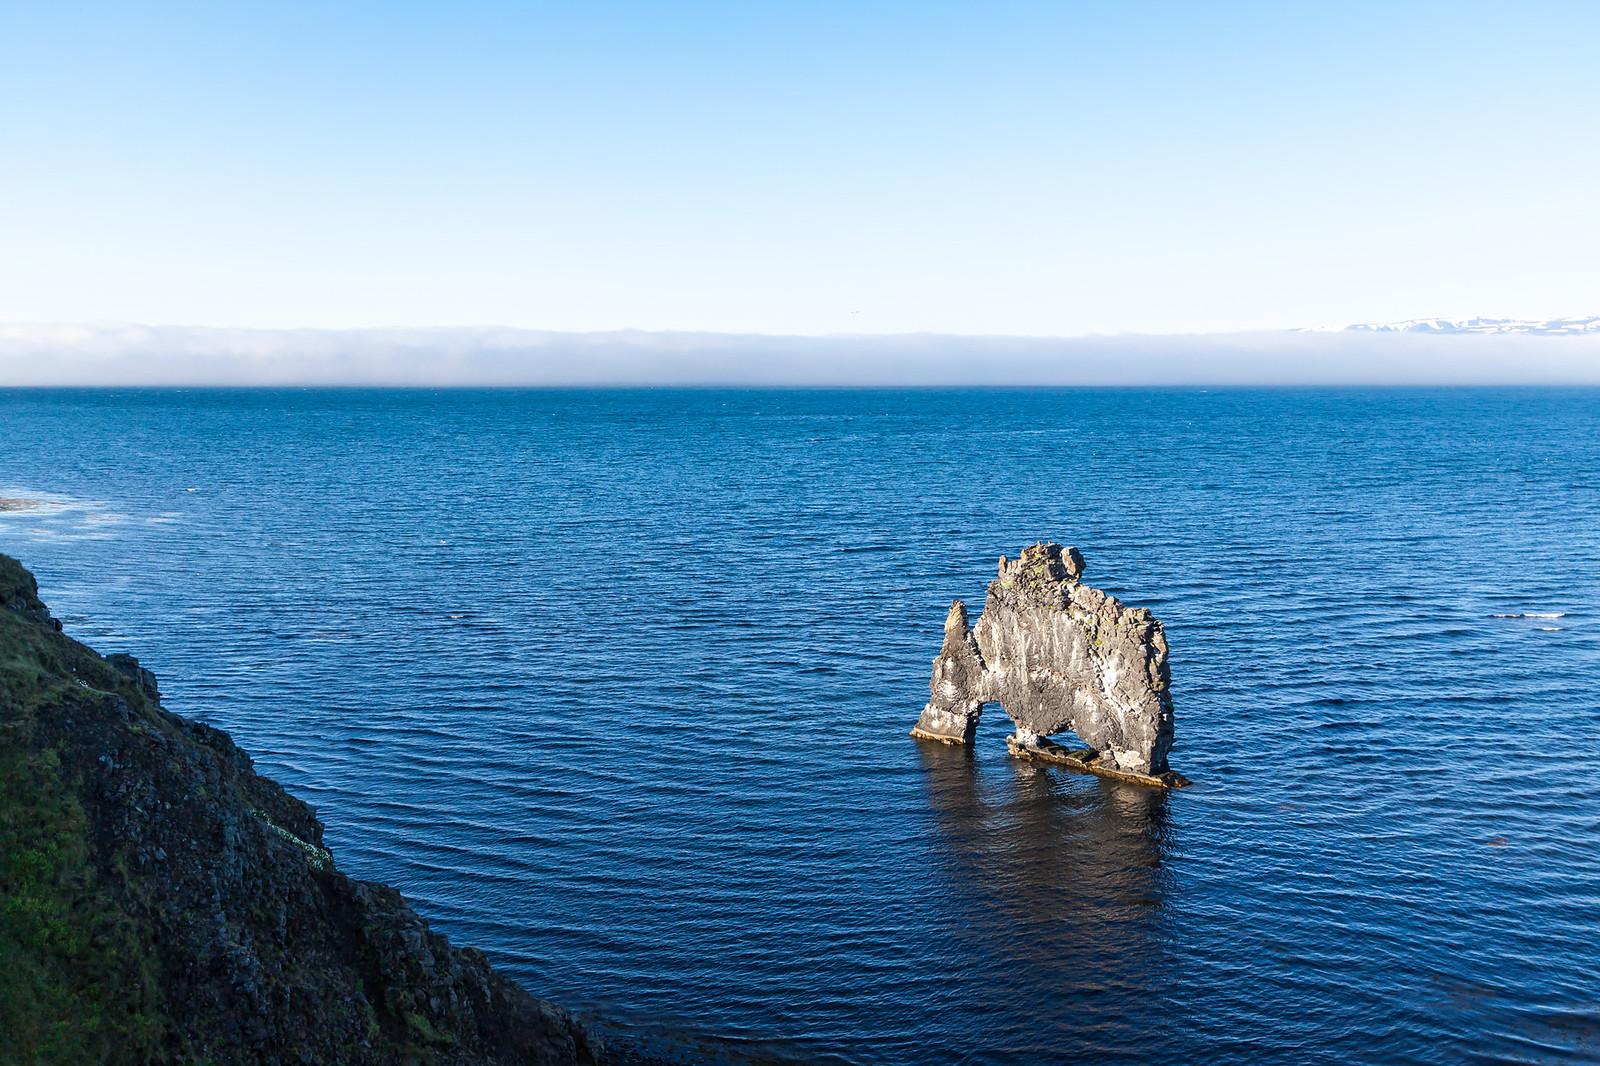 Ісландські нотатки. Частина 12: Північний Захід